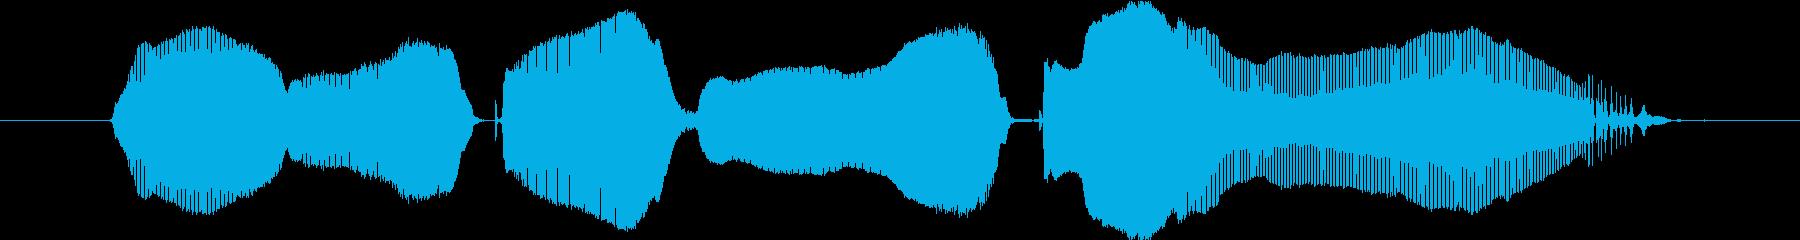 【おねだり】「おーなーかーすーいーたー…の再生済みの波形